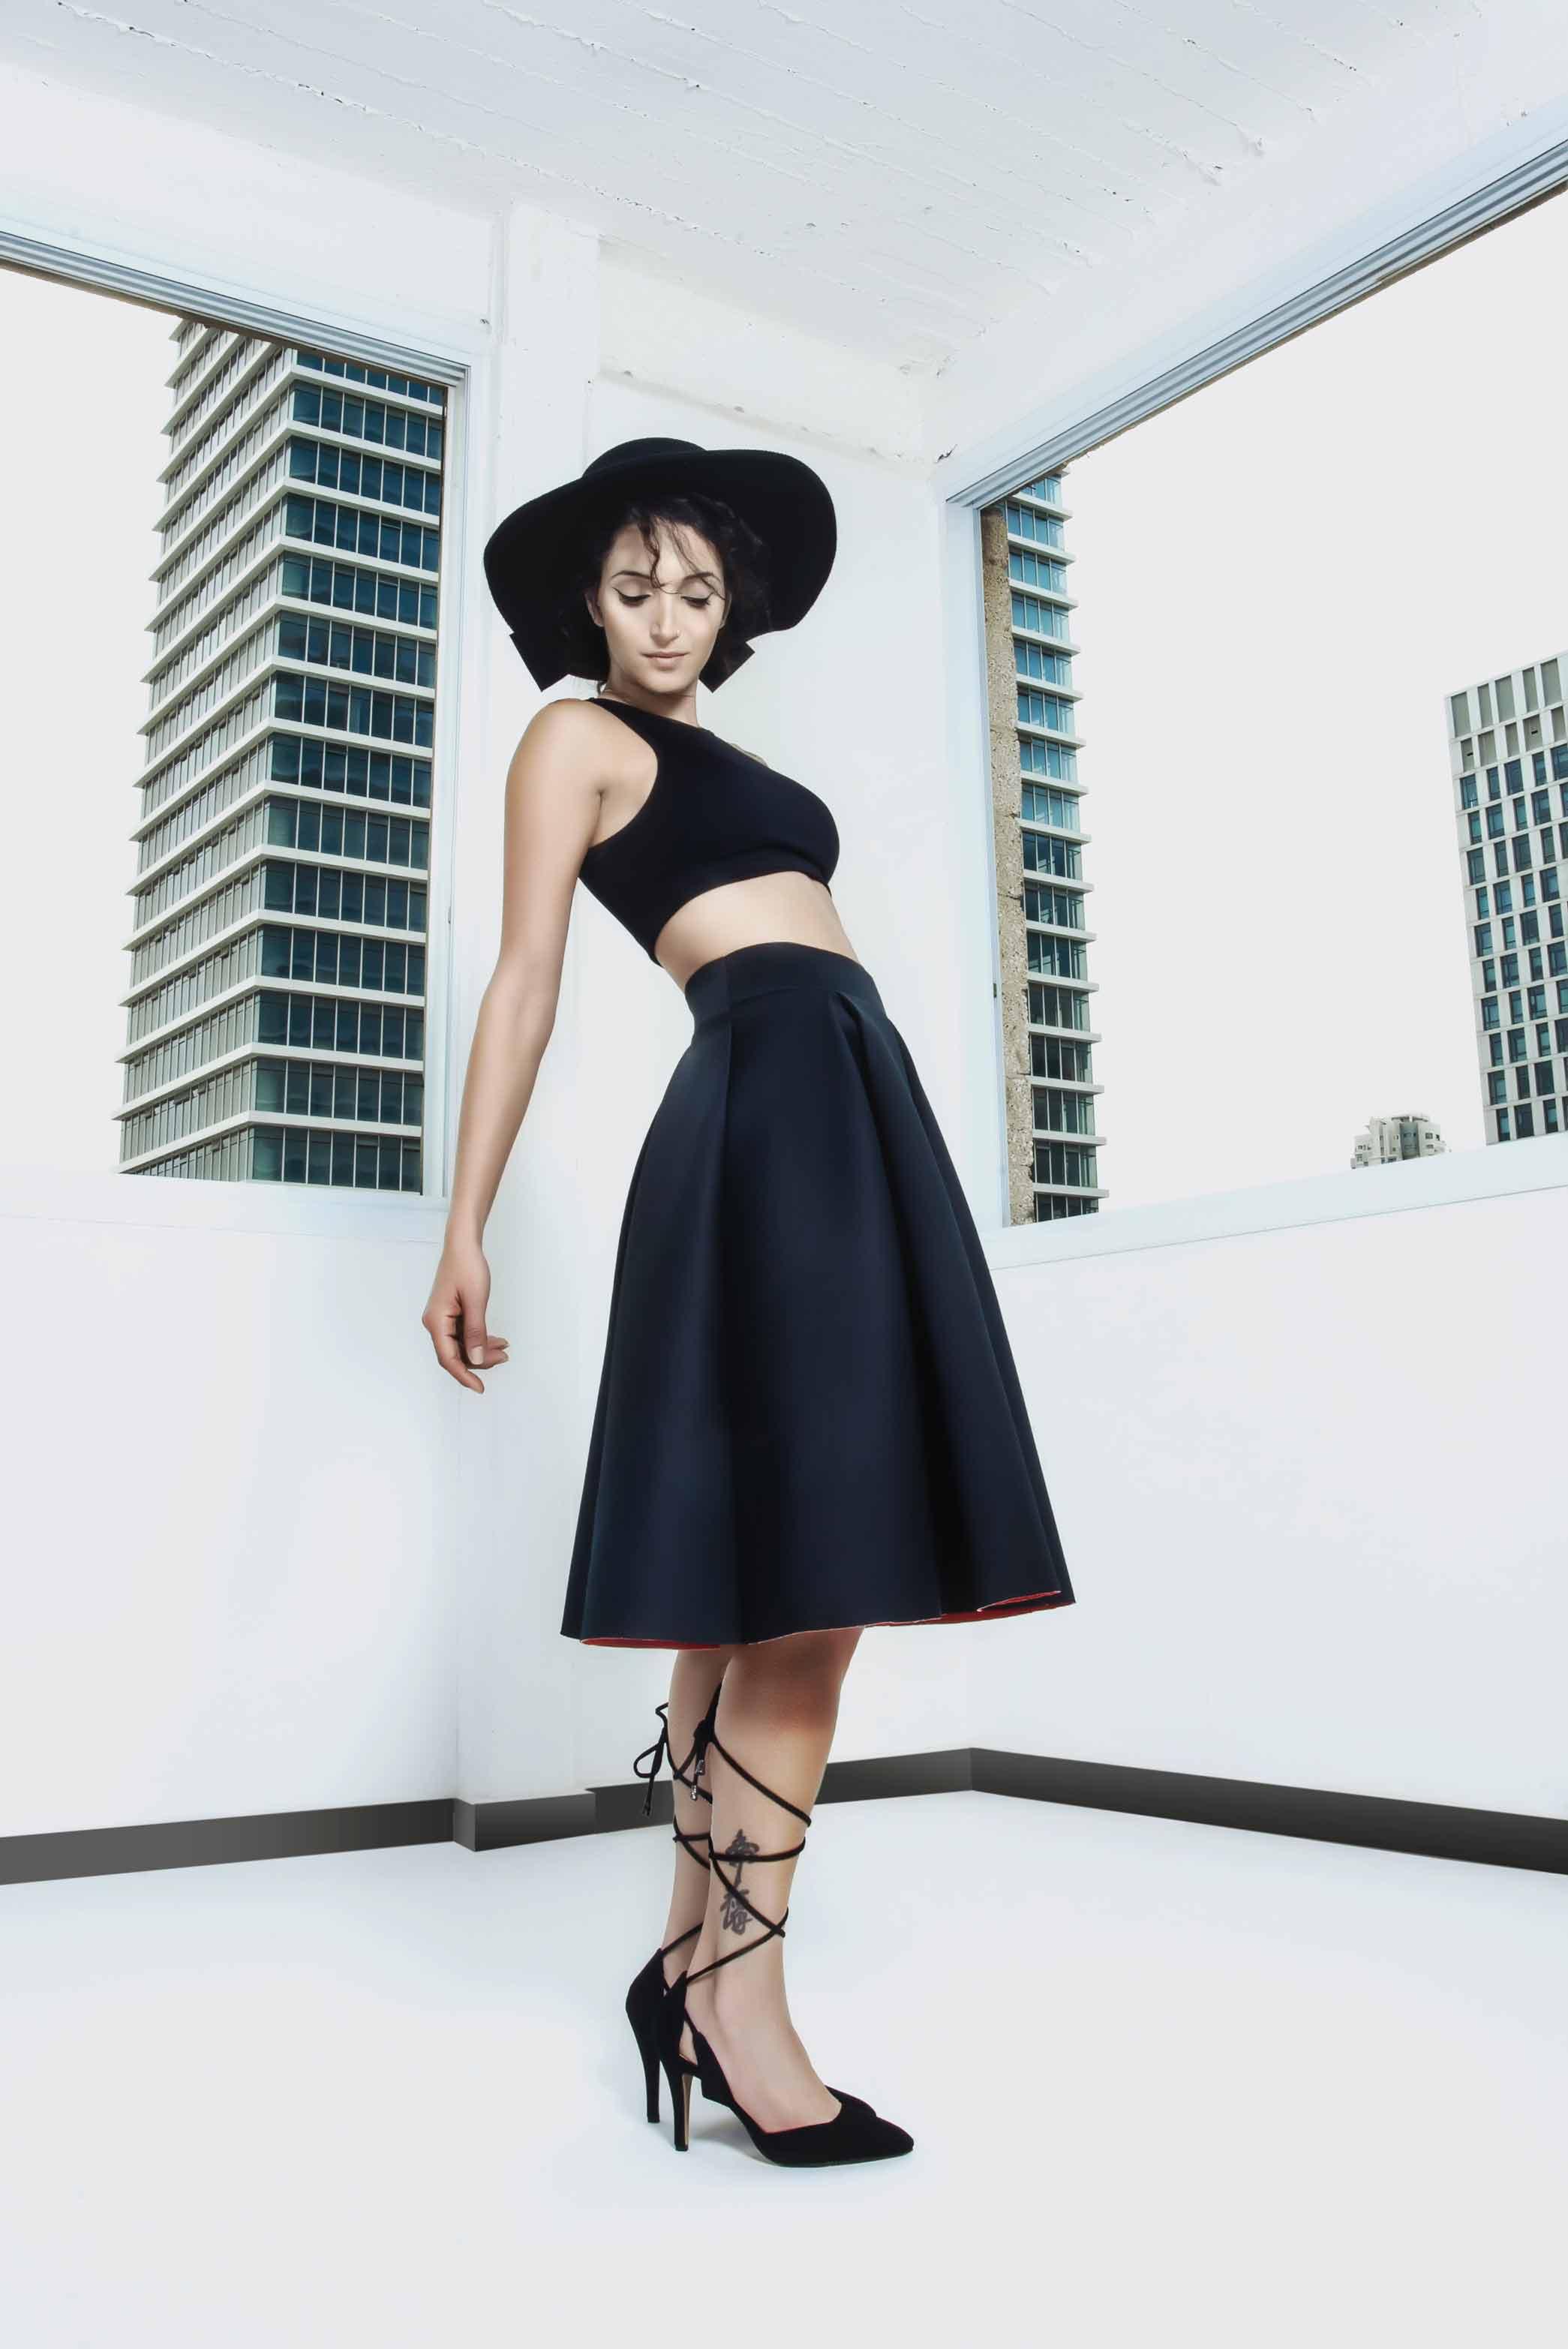 קורס עיצוב אופנה ותדמיתנות